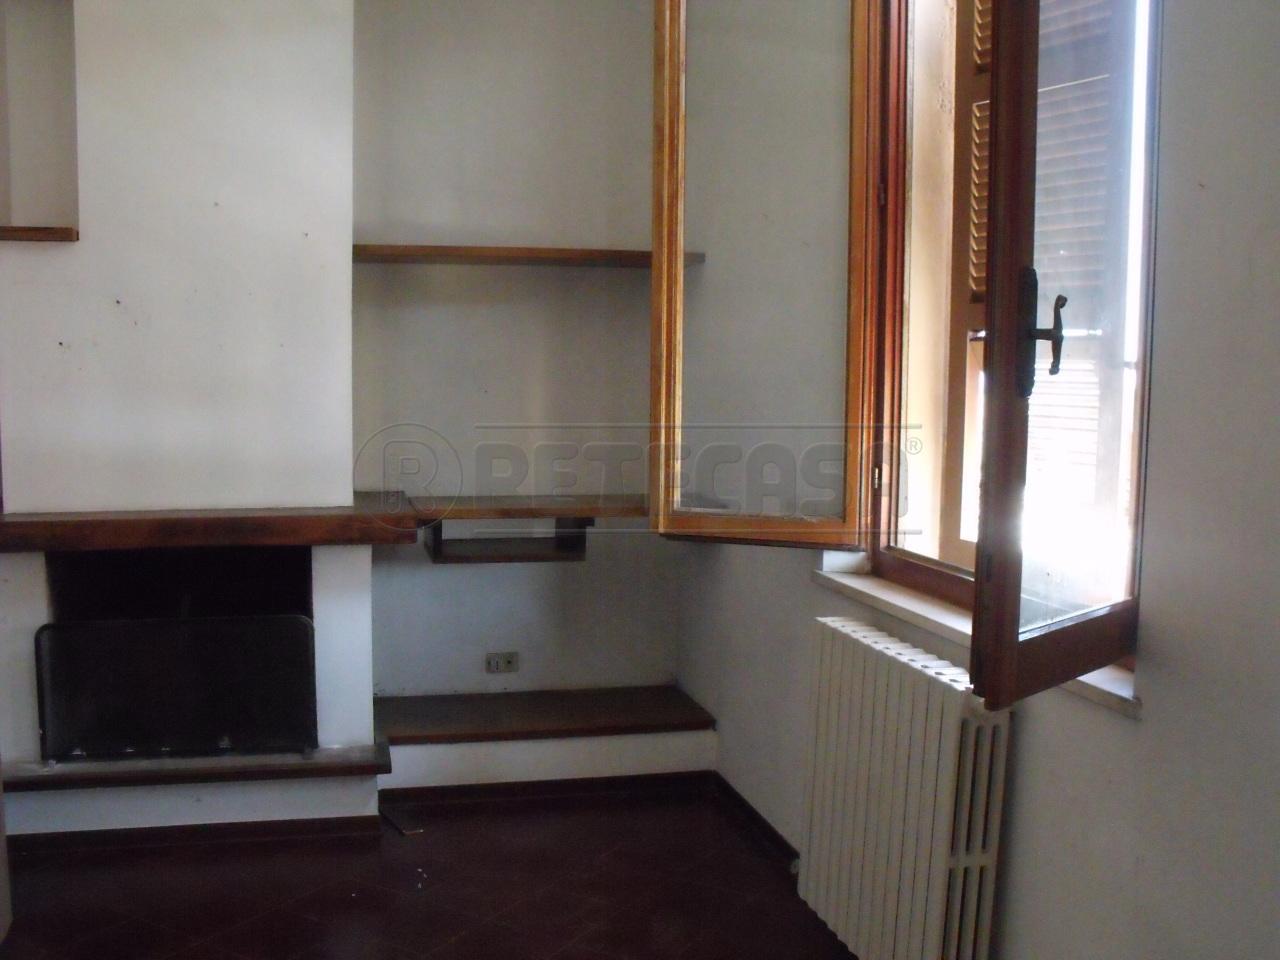 Appartamento, torrette, Vendita - Ancona